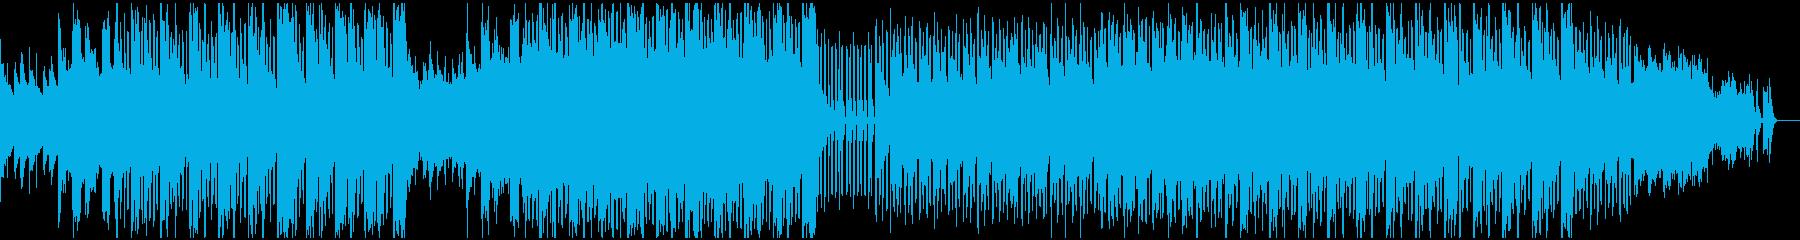 ベルの音が美しいアーシーなエレクトロの再生済みの波形